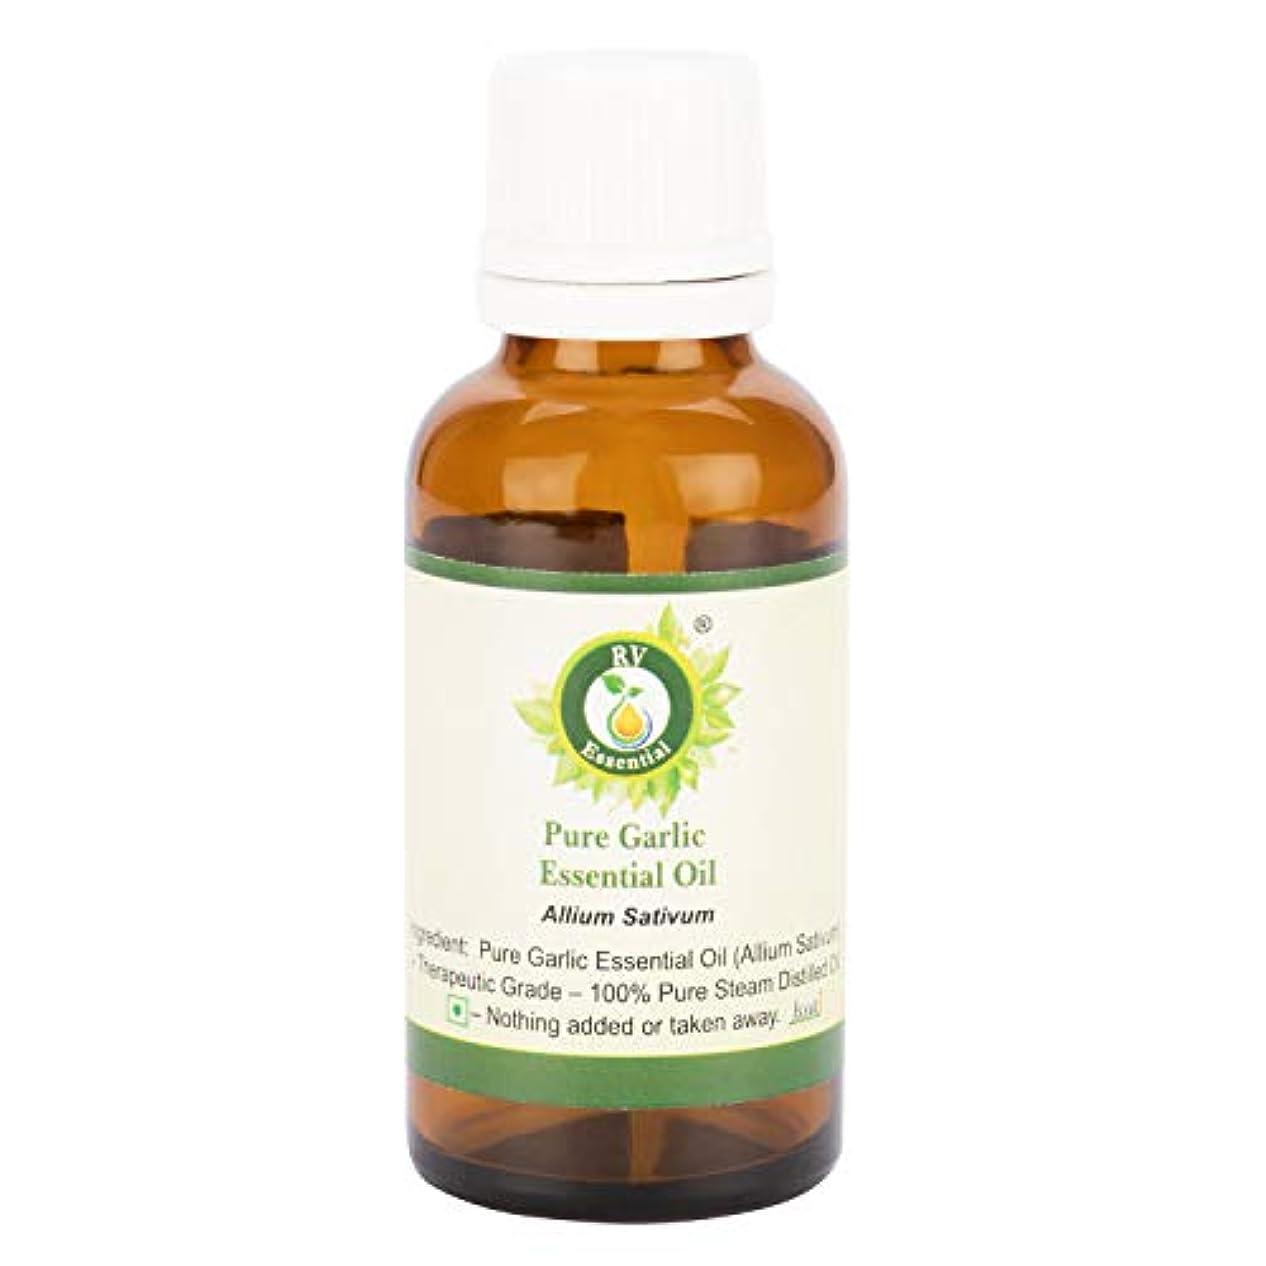 然としたええ軽食ピュアニンニクエッセンシャルオイル100ml (3.38oz)- Allium Sativum (100%純粋&天然スチームDistilled) Pure Garlic Essential Oil